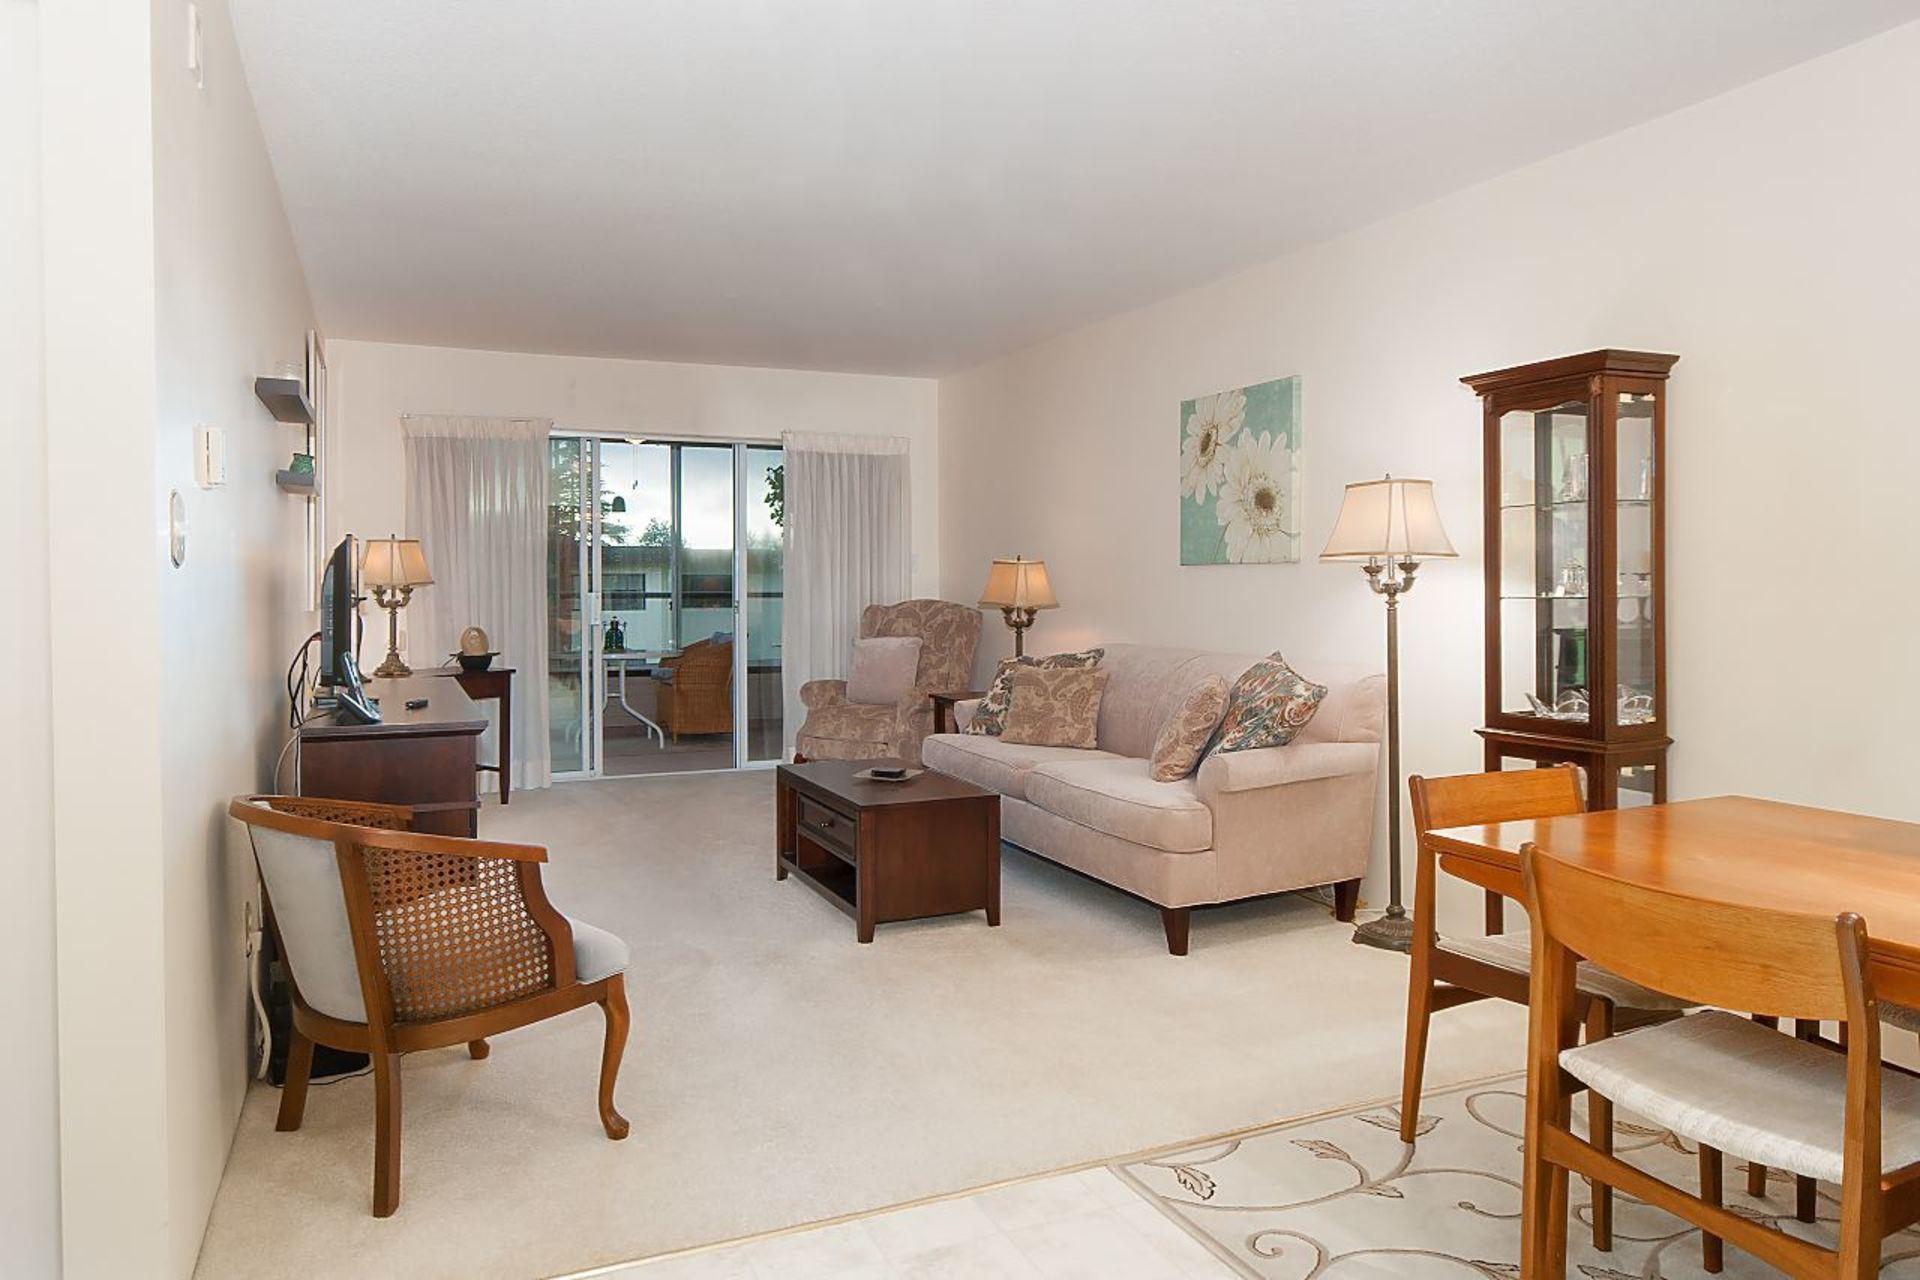 1802-duthie-avenue-montecito-burnaby-north-02 at 208 - 1802 Duthie Avenue, Montecito, Burnaby North